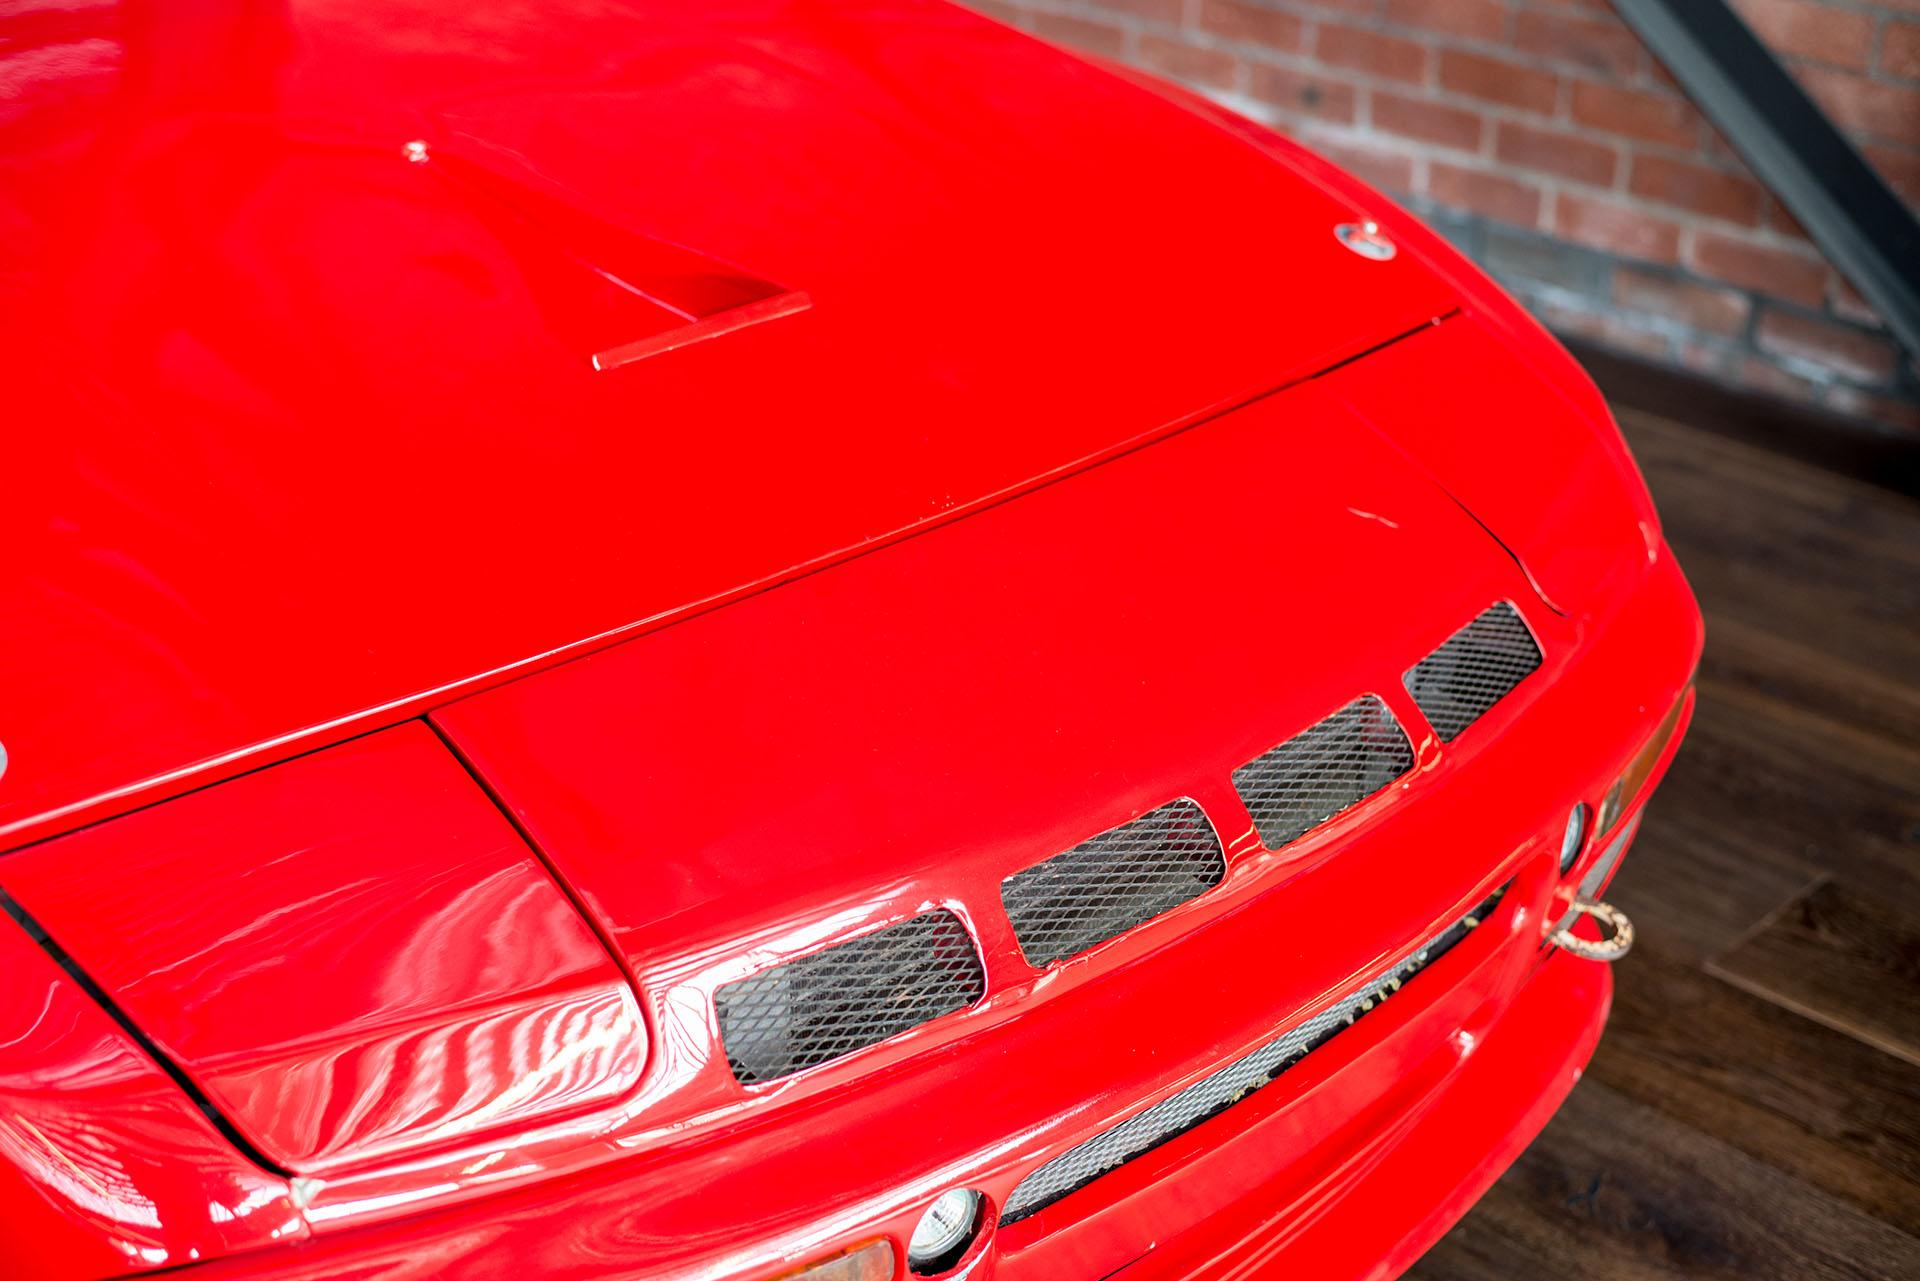 1986 porsche 944 turbo - richmonds